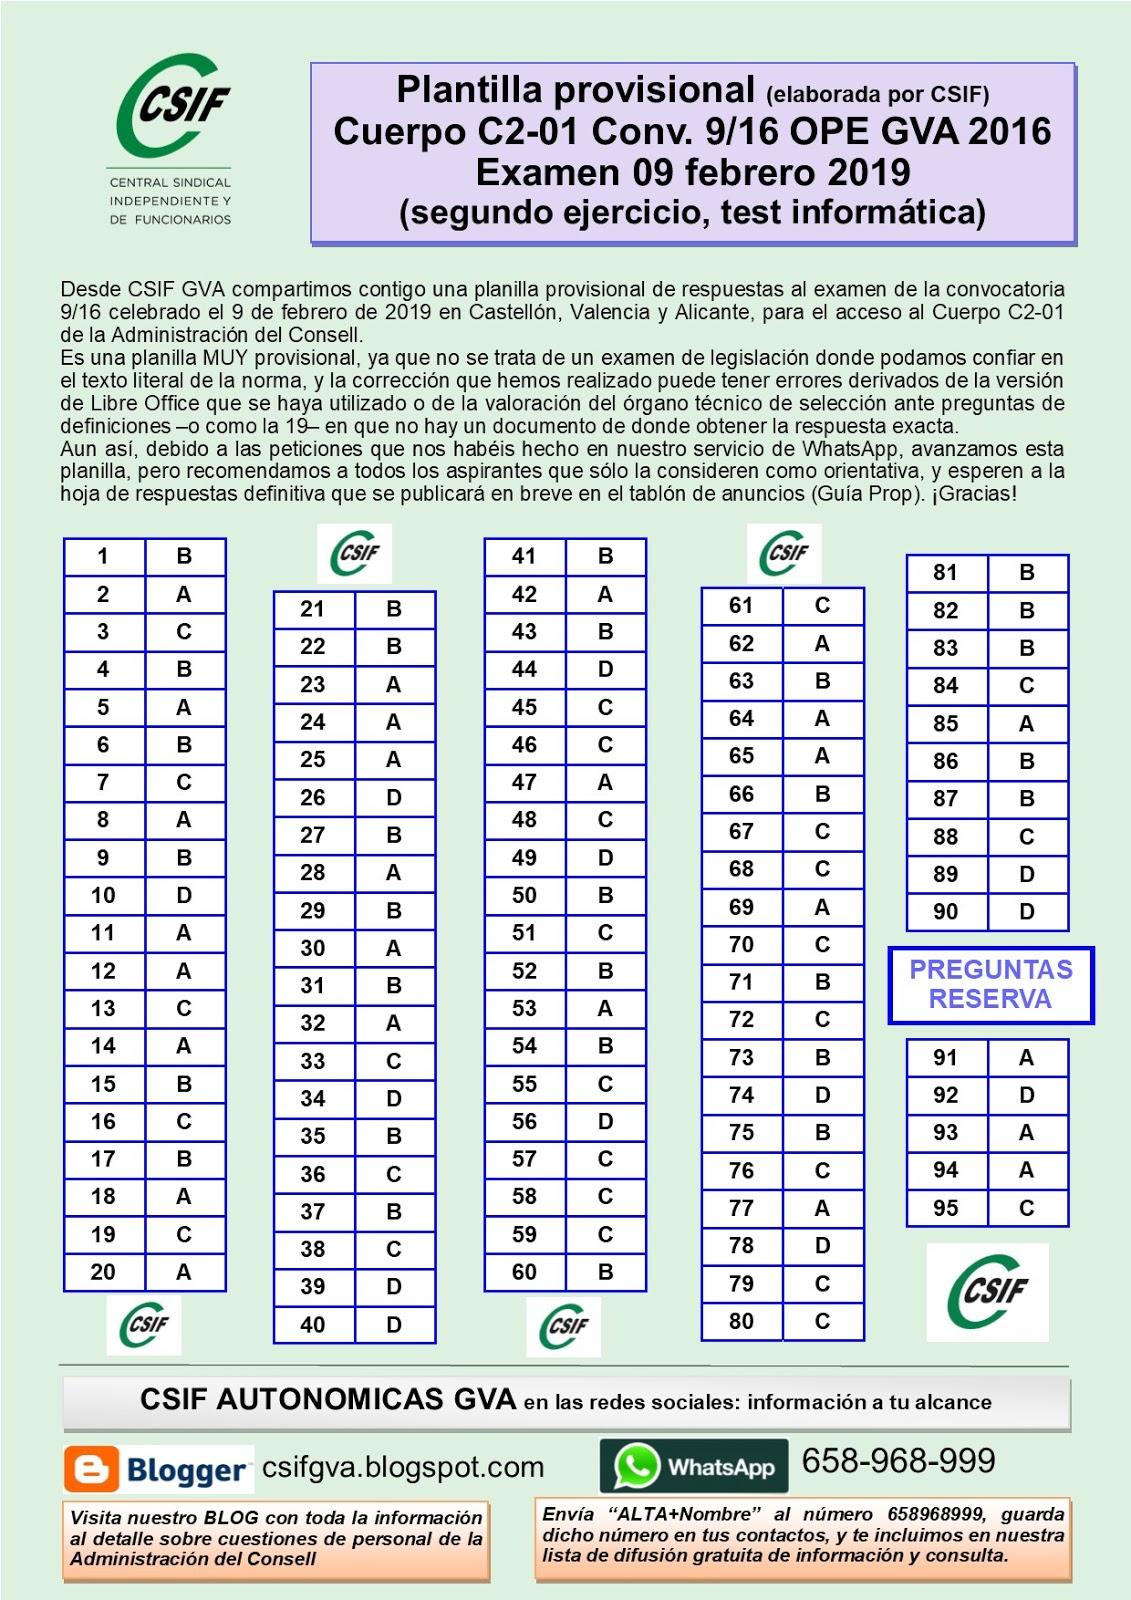 GvaNovedades Autonómicas 916C2 Convocatoria Admon 01 Csif Onvw80Nm